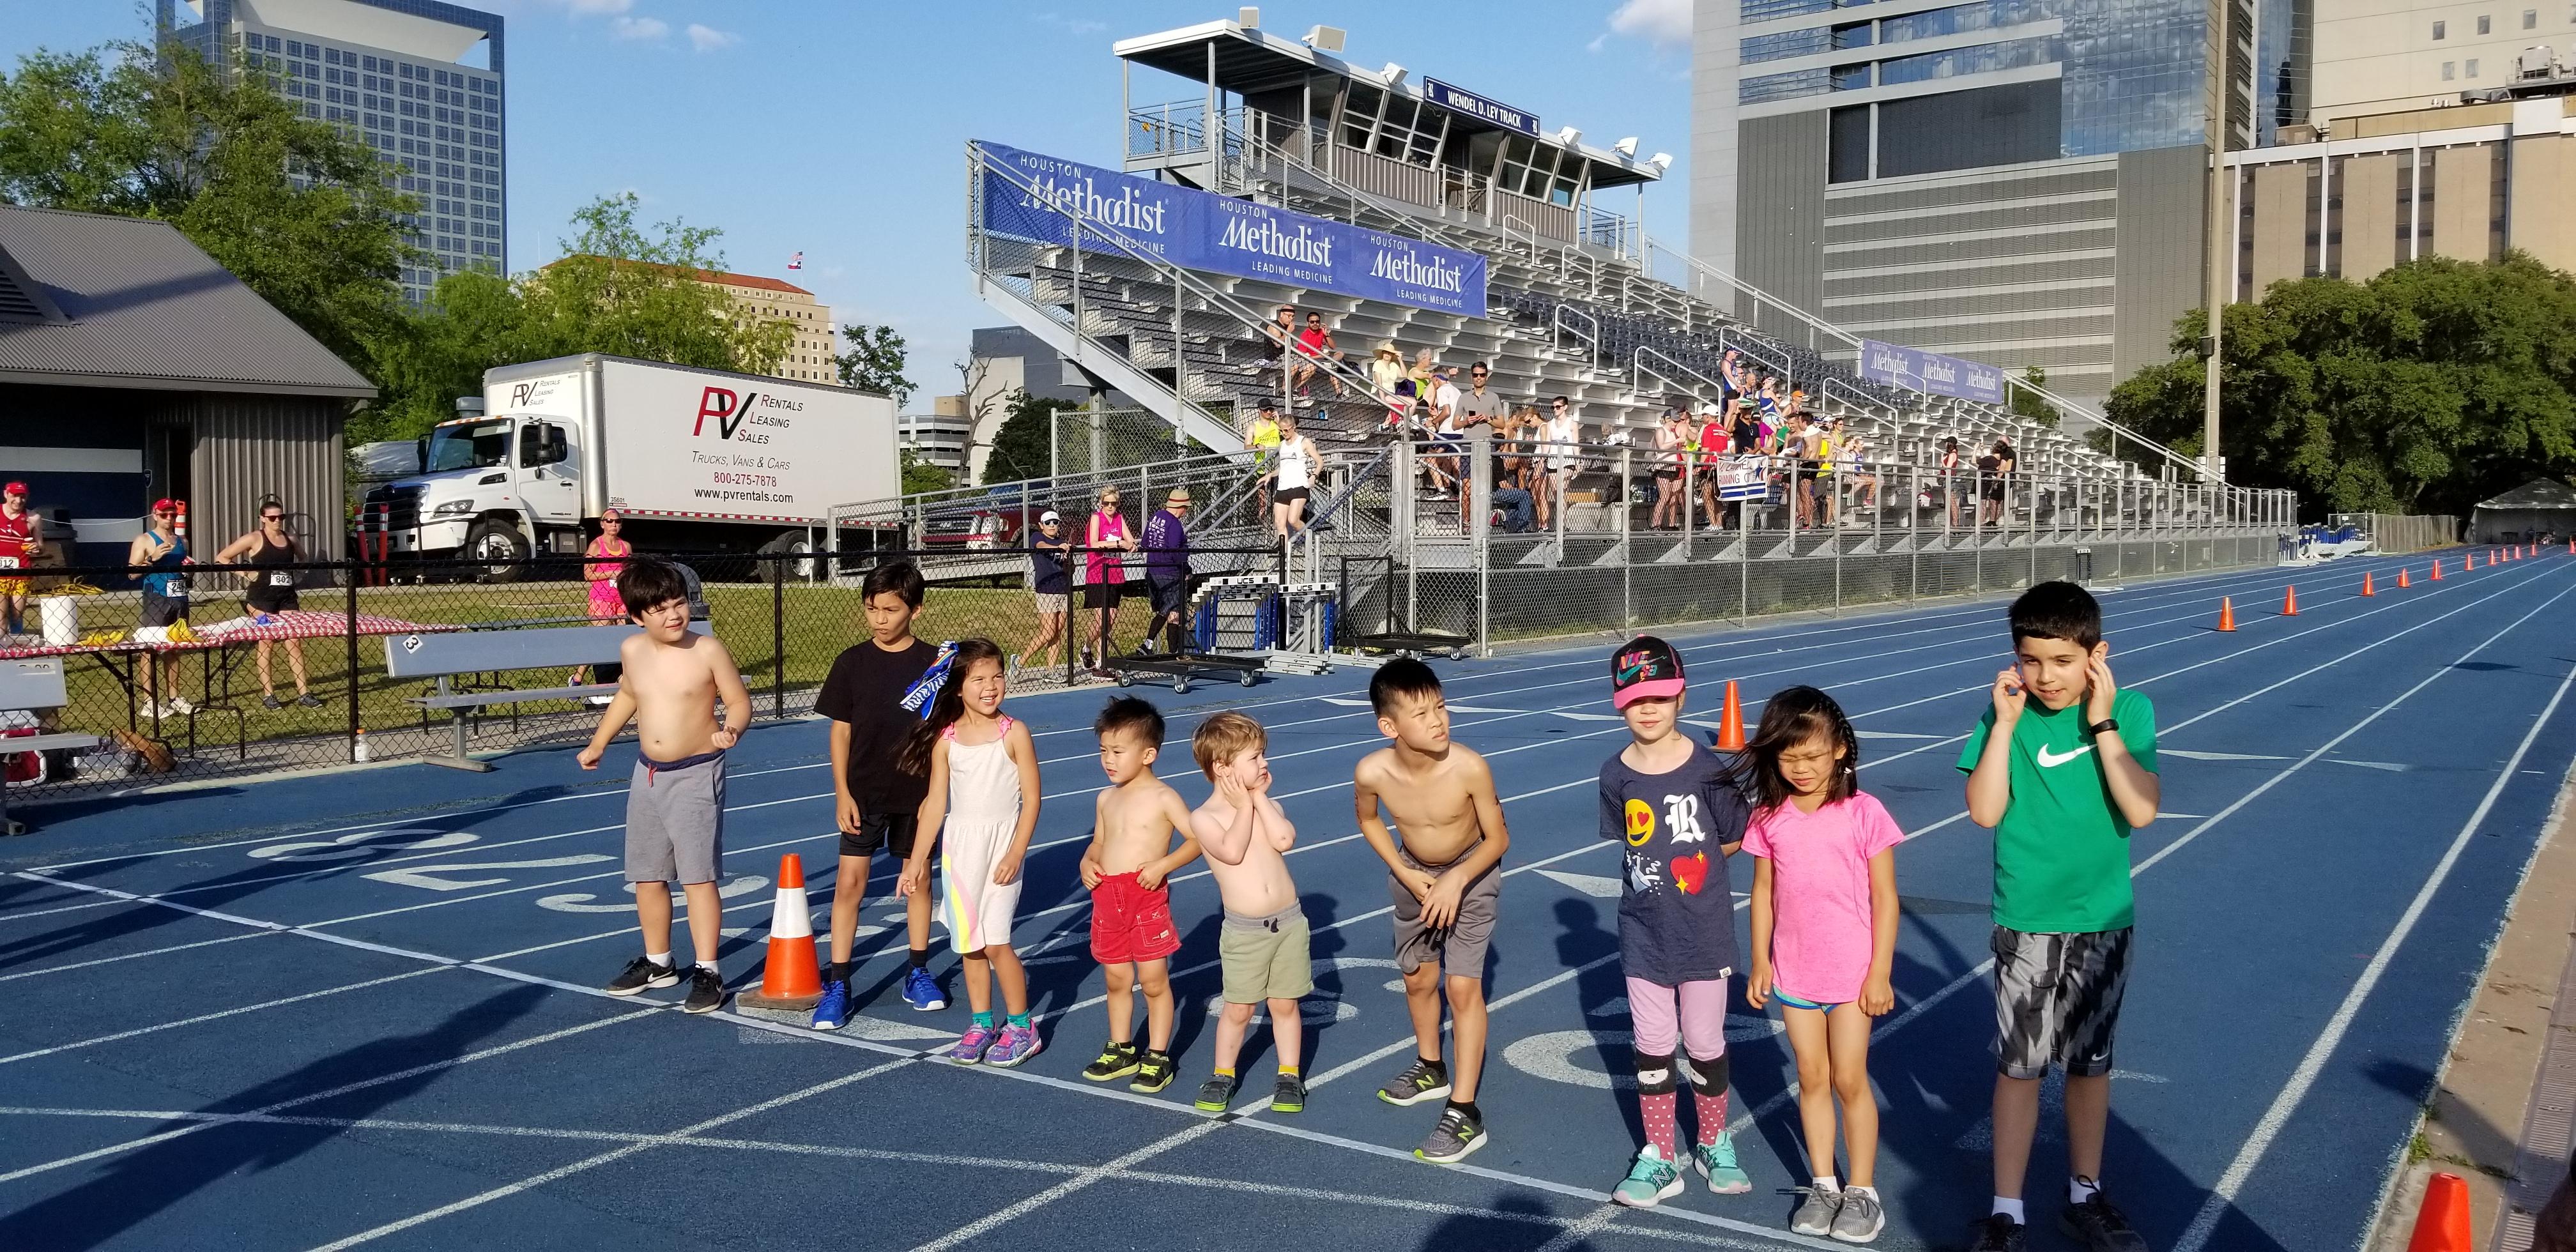 LP Run 2019 Kids Race at Start Line